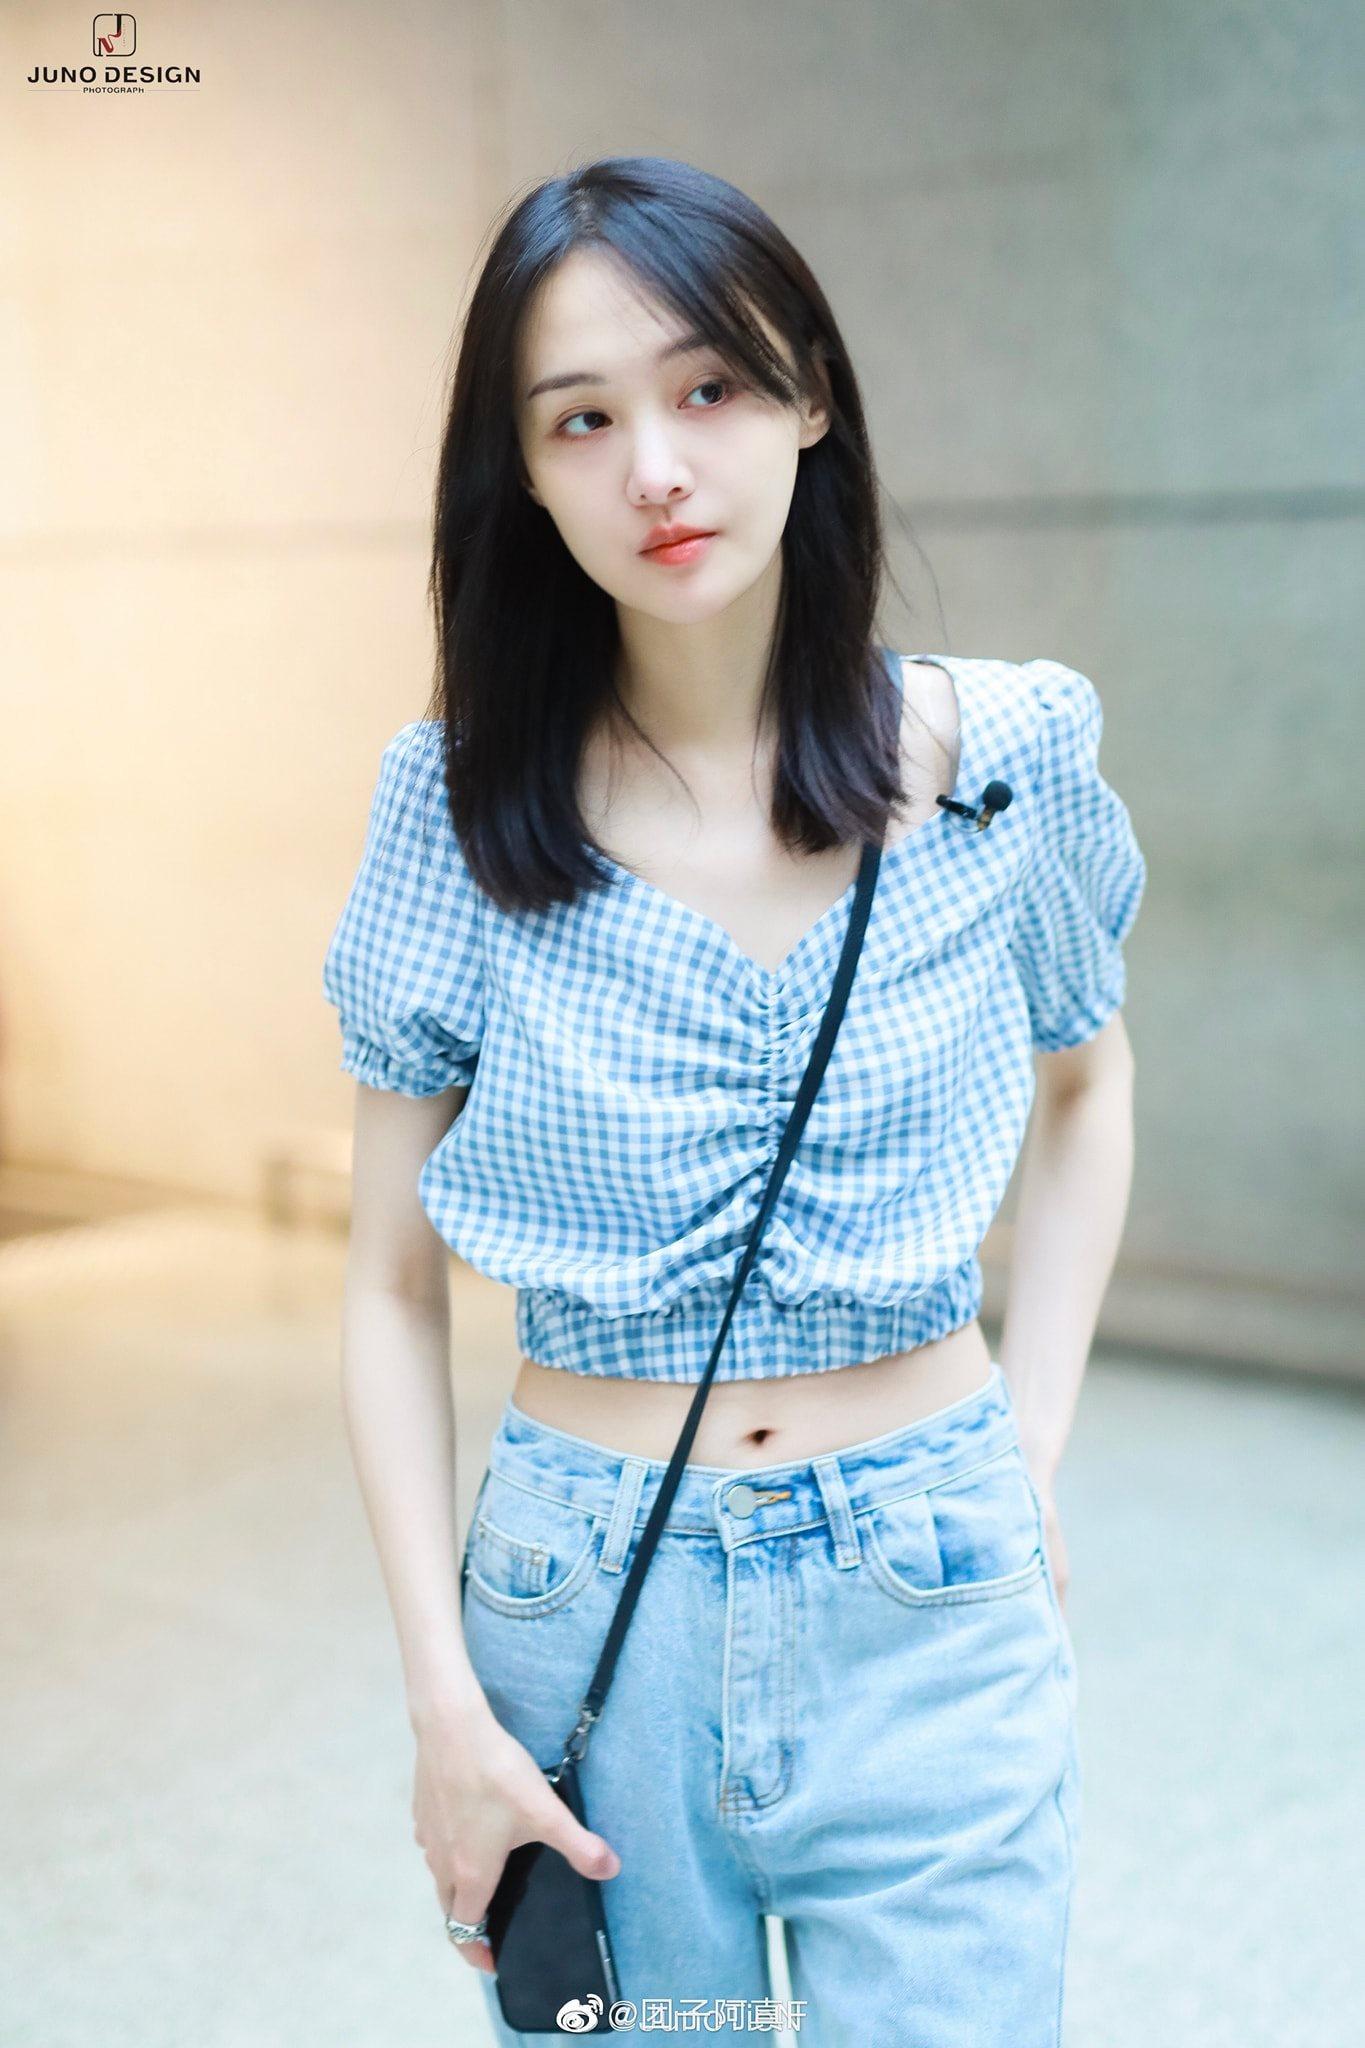 Fan soi ra chi tiết bất thường trong thời gian bị đồn mang thai của Trịnh Sảng, trang phục đã nói lên tất cả - Ảnh 2.